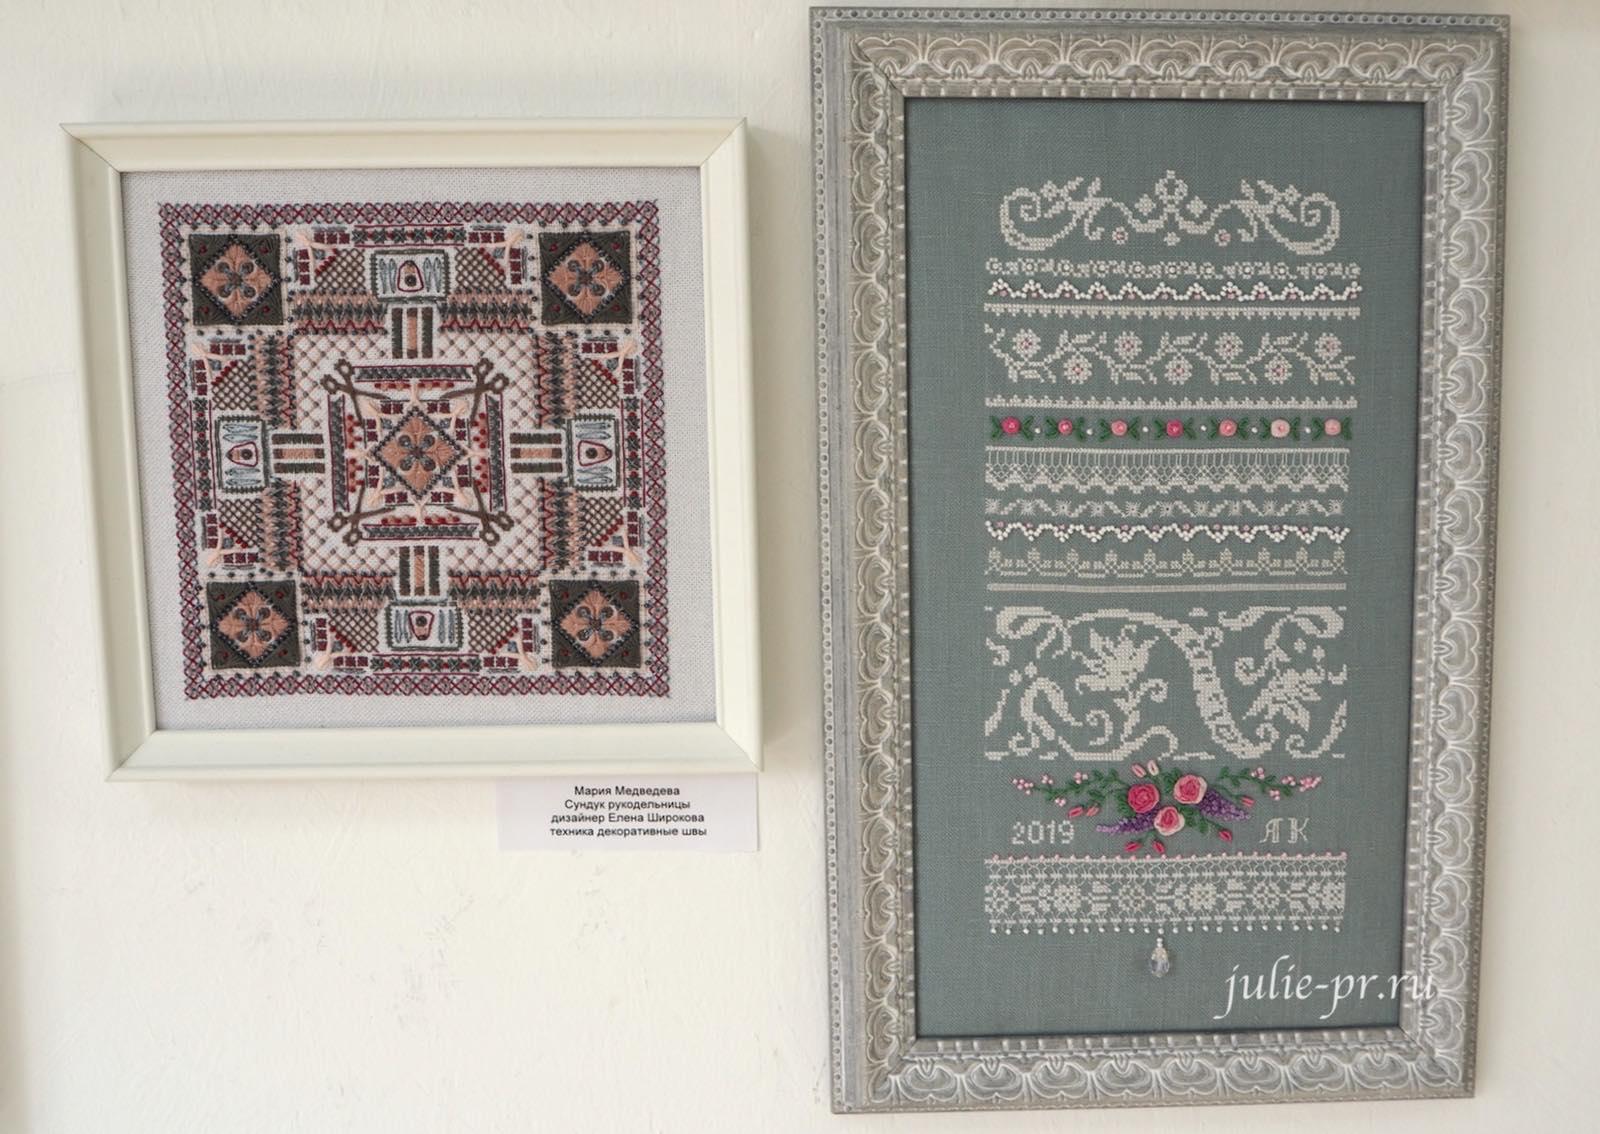 Вышивка крестом и декоративными швами, вышивка шовчиками